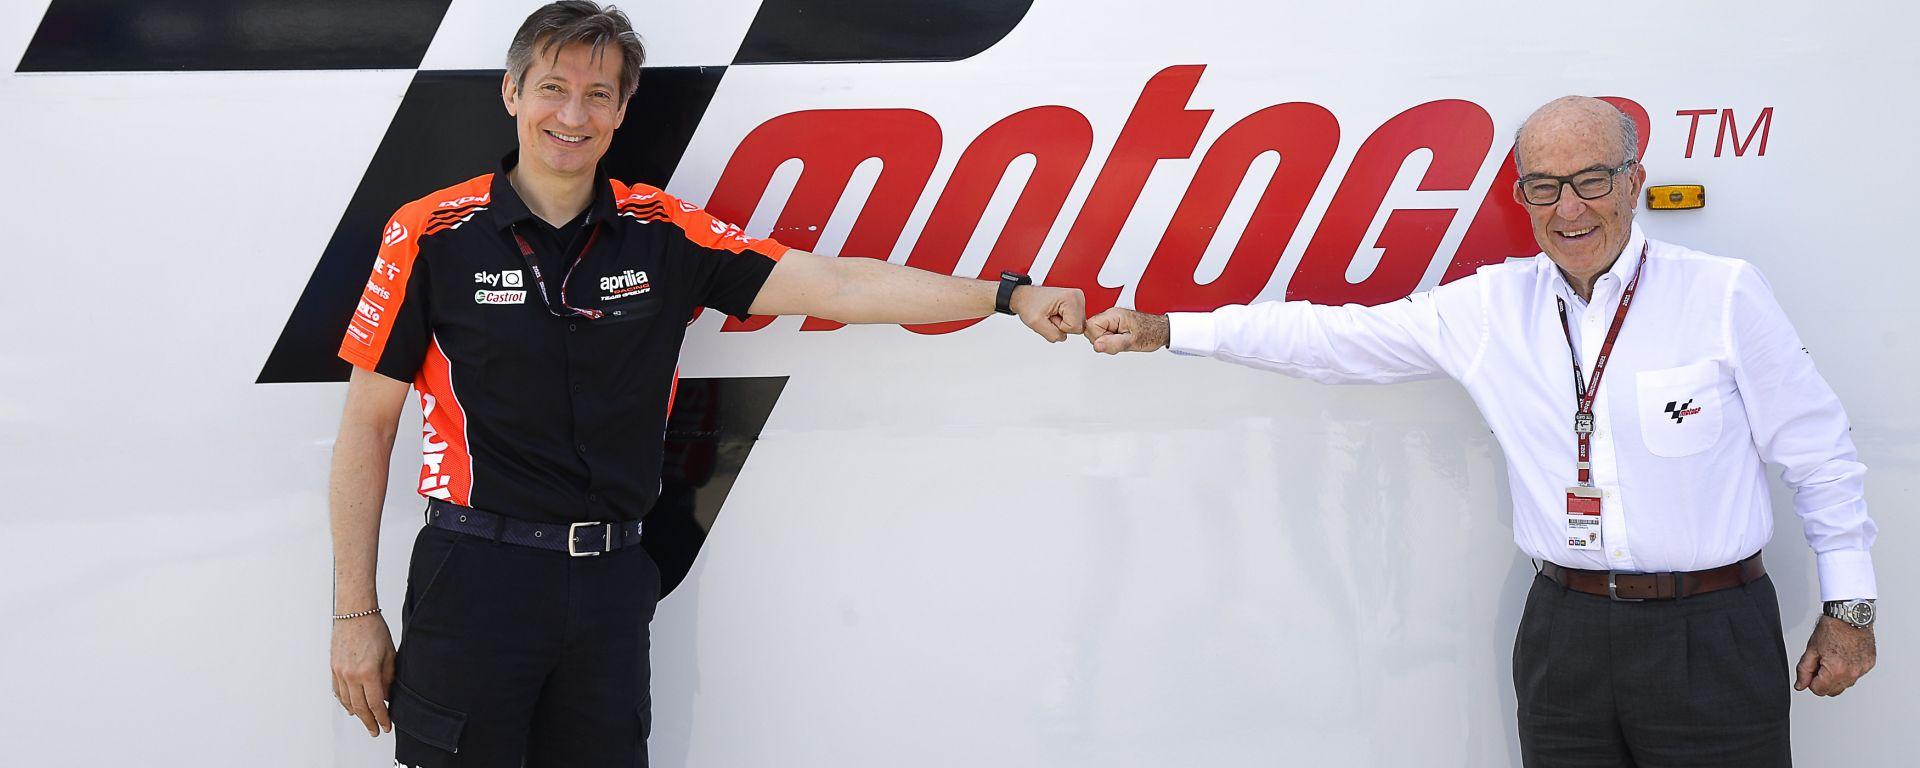 Massimo Rivola e Carmelo Ezpeleta sanciscono l'accordo tra Aprilia Racing e Dorna Sports per il periodo 2022-2026